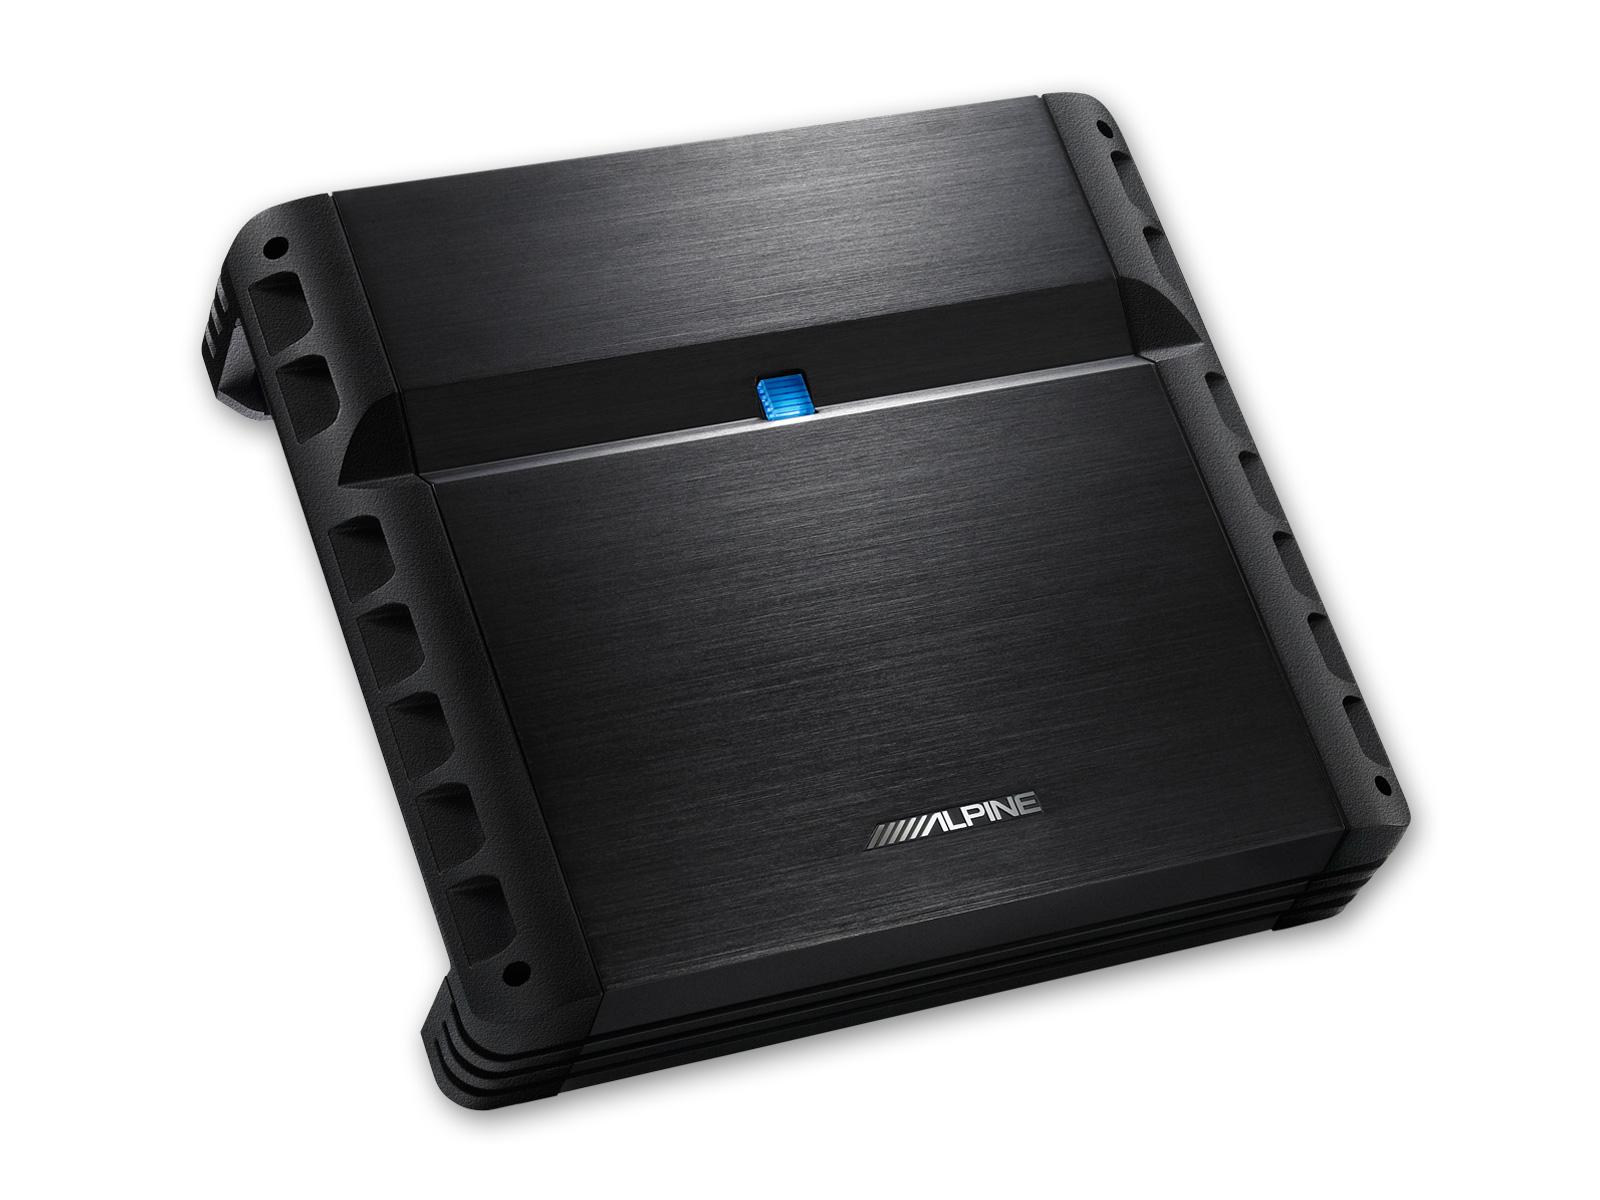 ansluta bil förstärkare till PC strömförsörjning